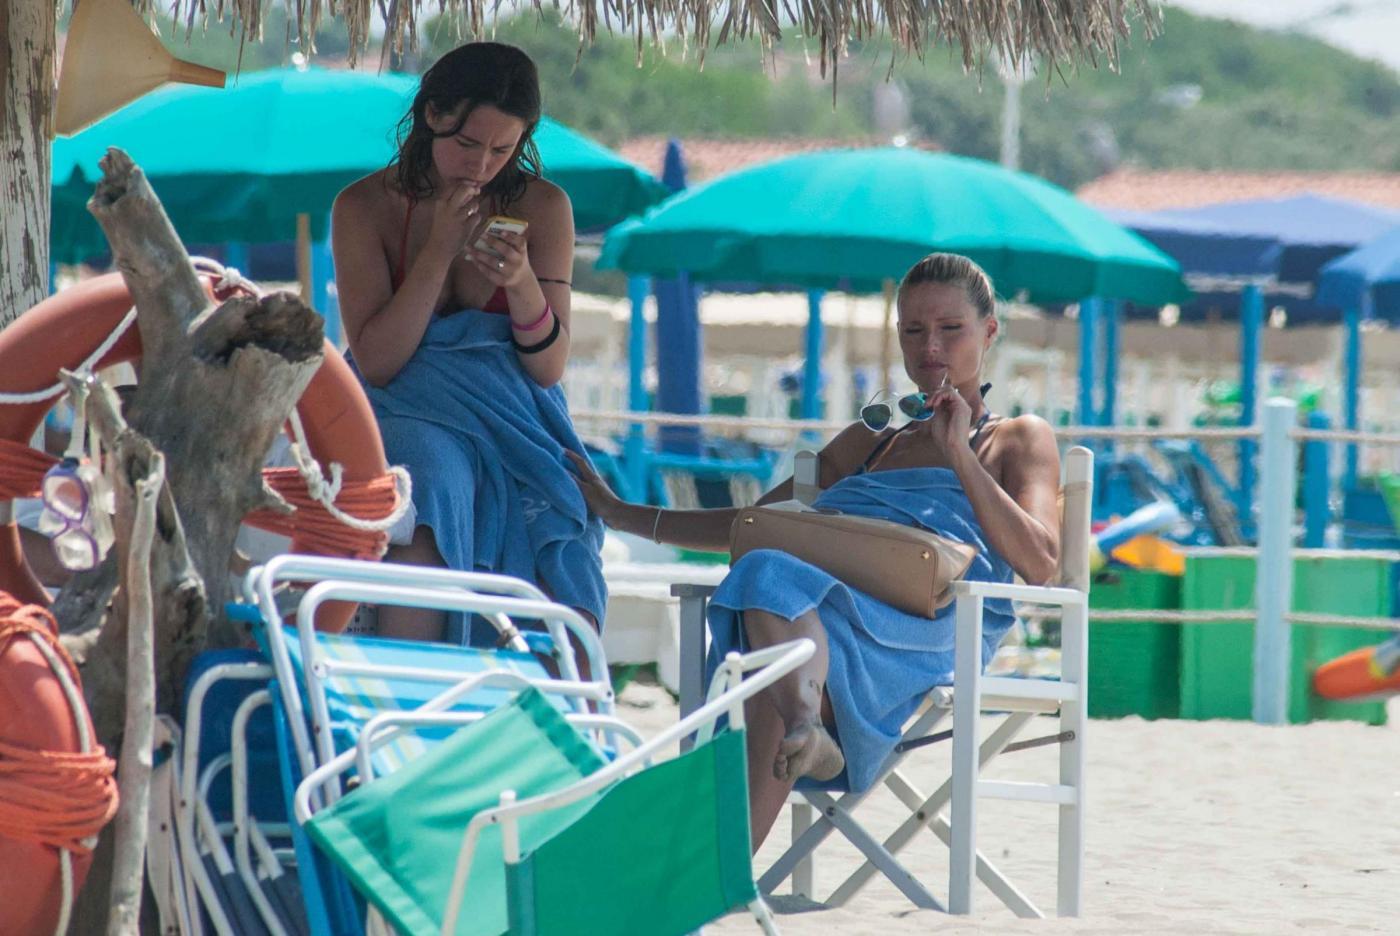 Michelle Hunziker e Aurora Ramazzotti al mare: sole e relax per madre e figlia